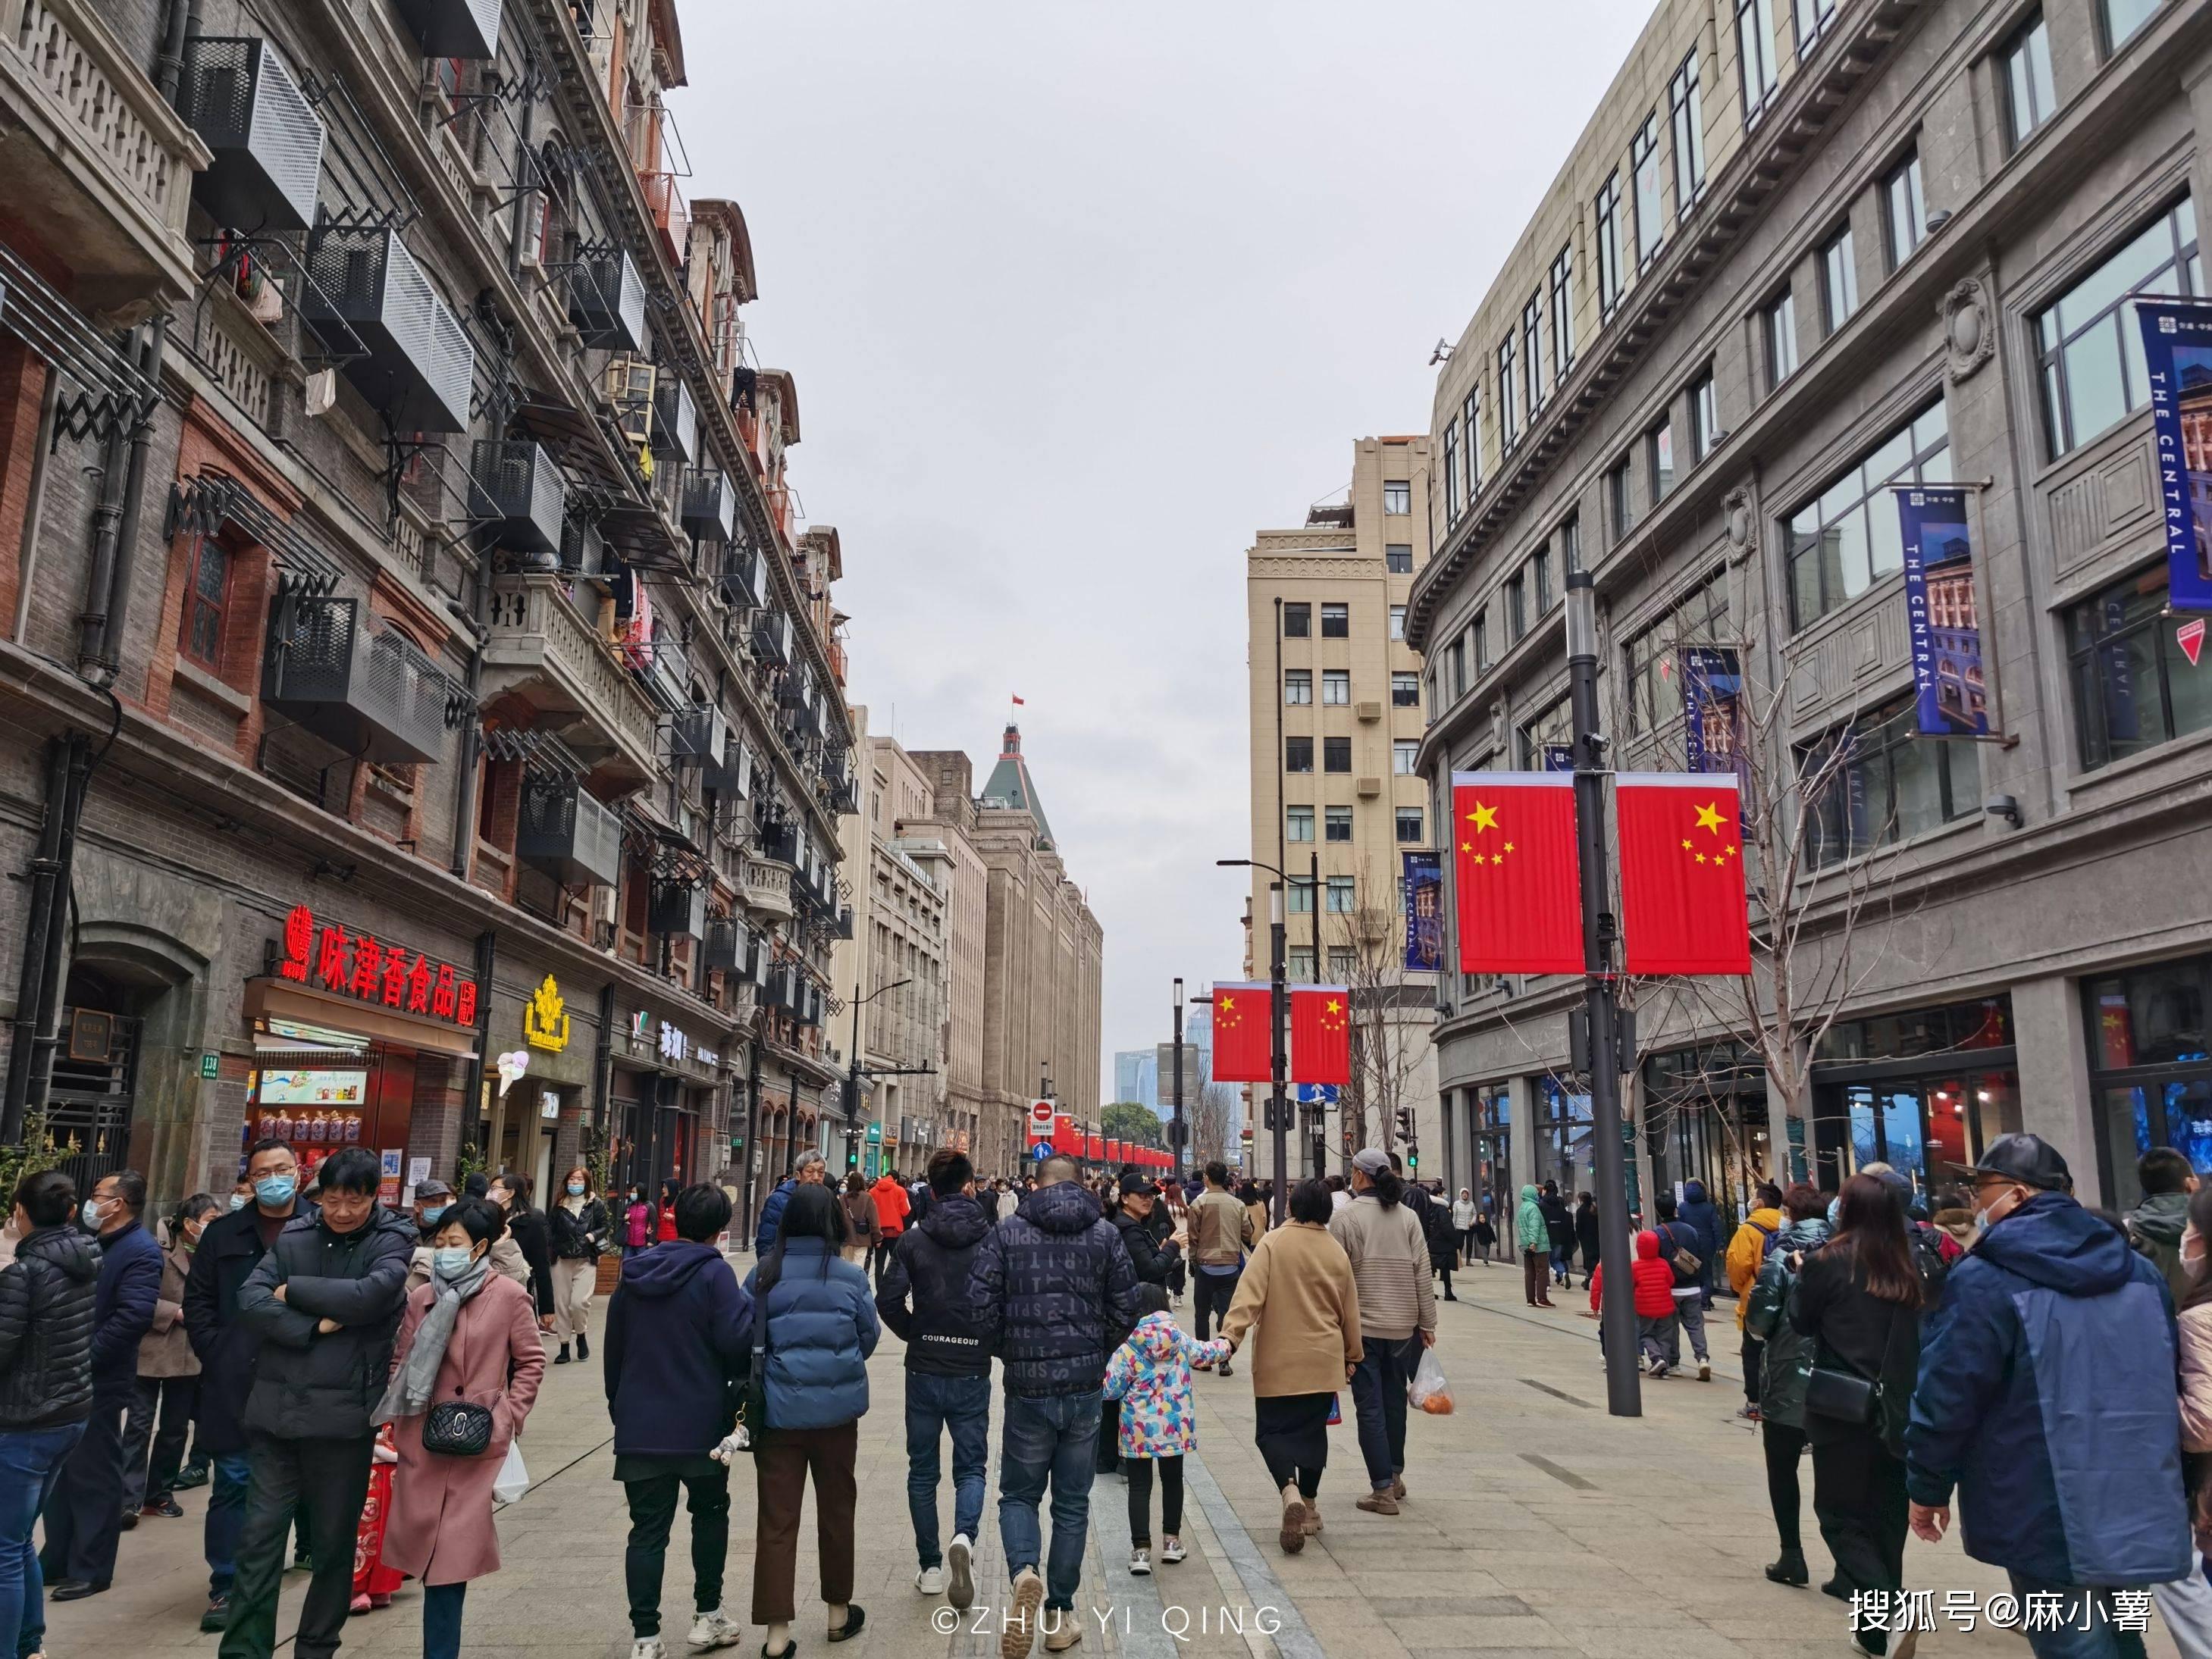 原创             上海人气第一的景点,过年期间人山人海,2公里的步行街上全是人